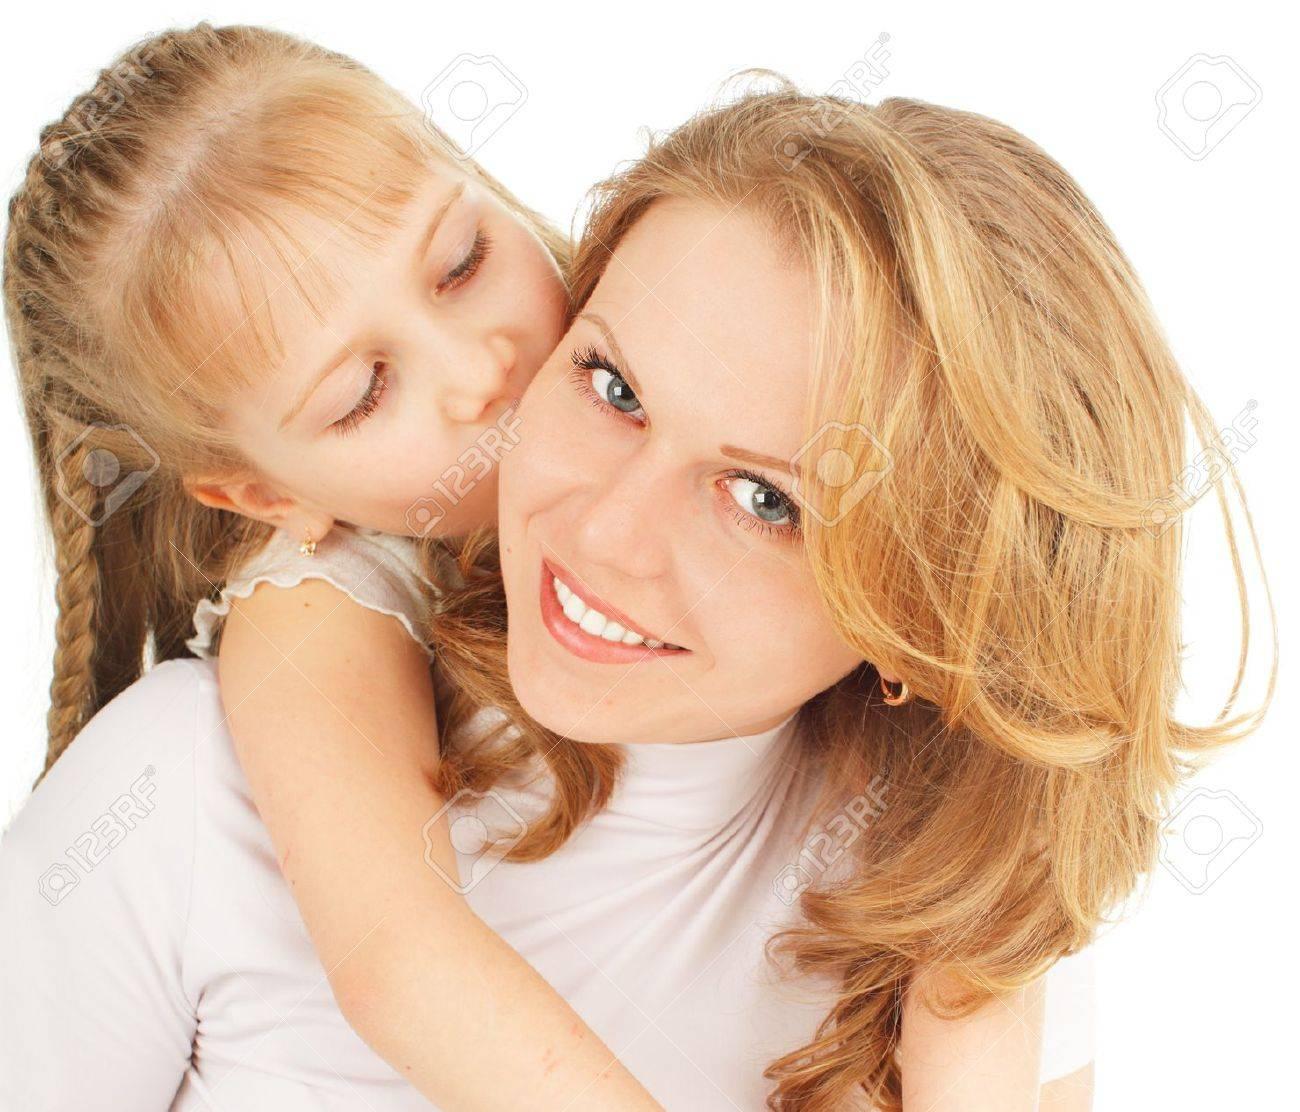 Фото мамку с дочкой 26 фотография